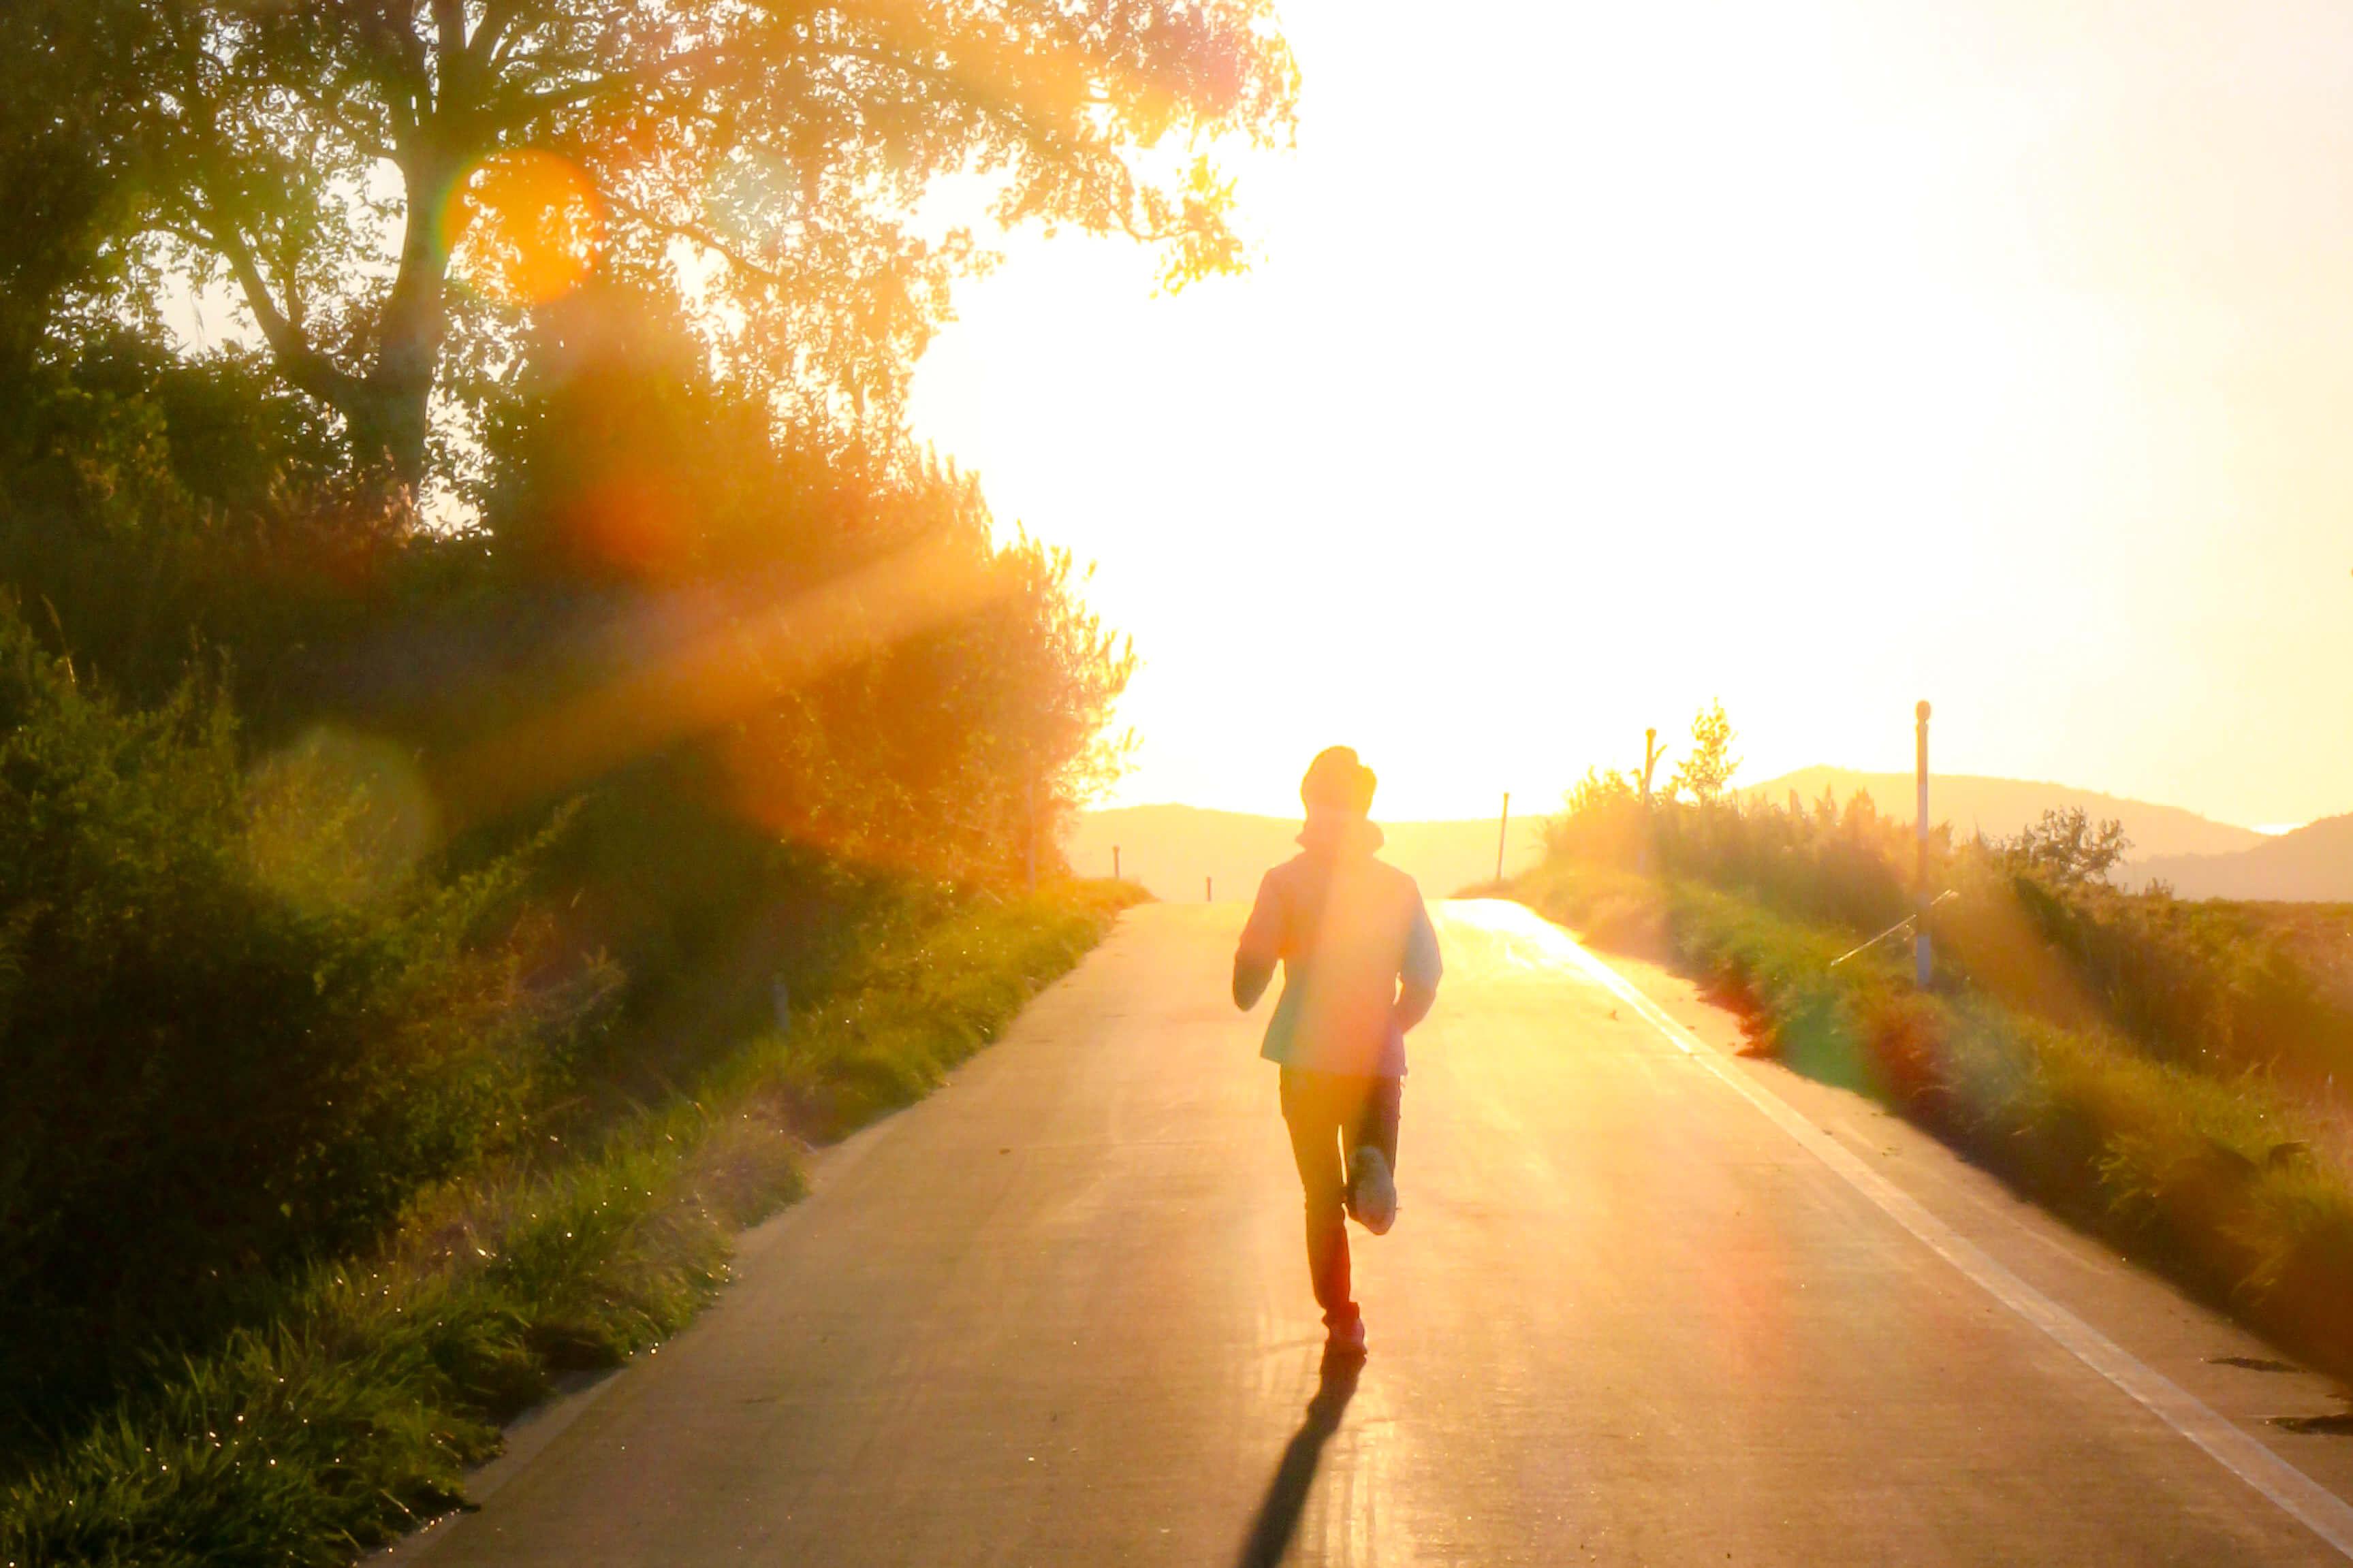 【ランニング初心者】60分で何キロ走るのが良い??